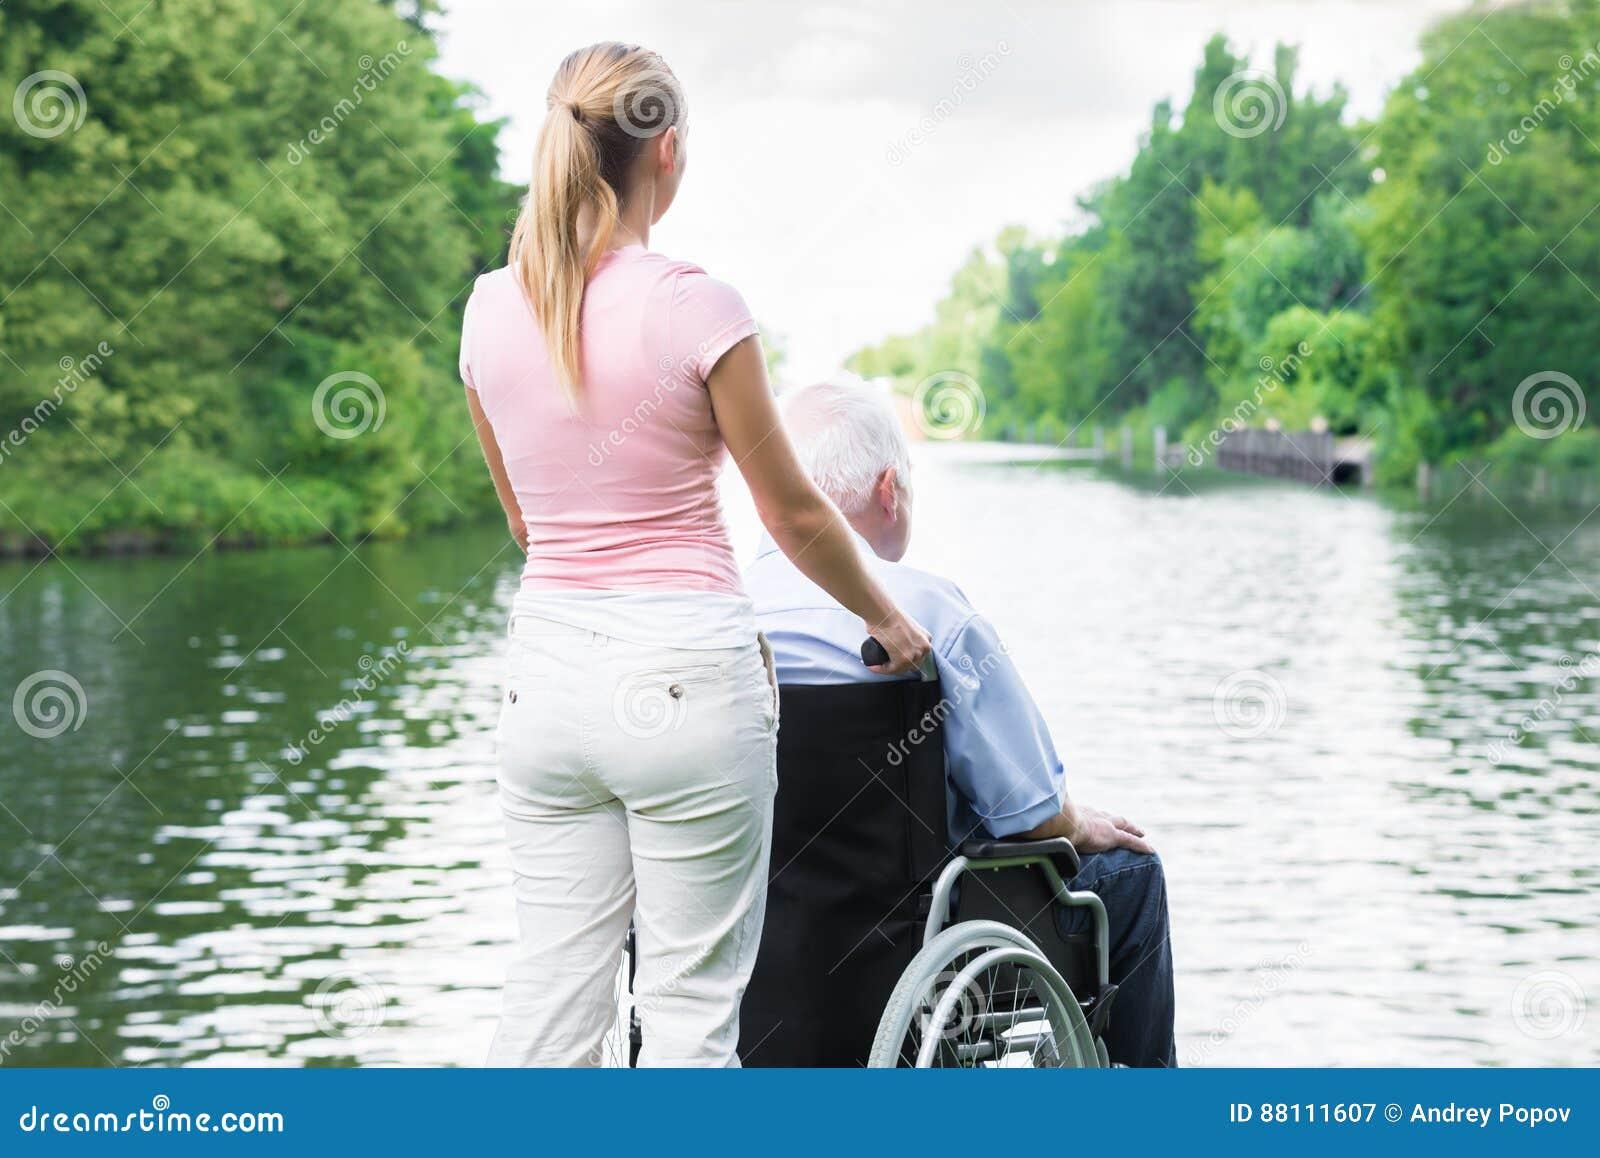 Γυναίκα με το με ειδικές ανάγκες πατέρα της στην αναπηρική καρέκλα που εξετάζει τη λίμνη